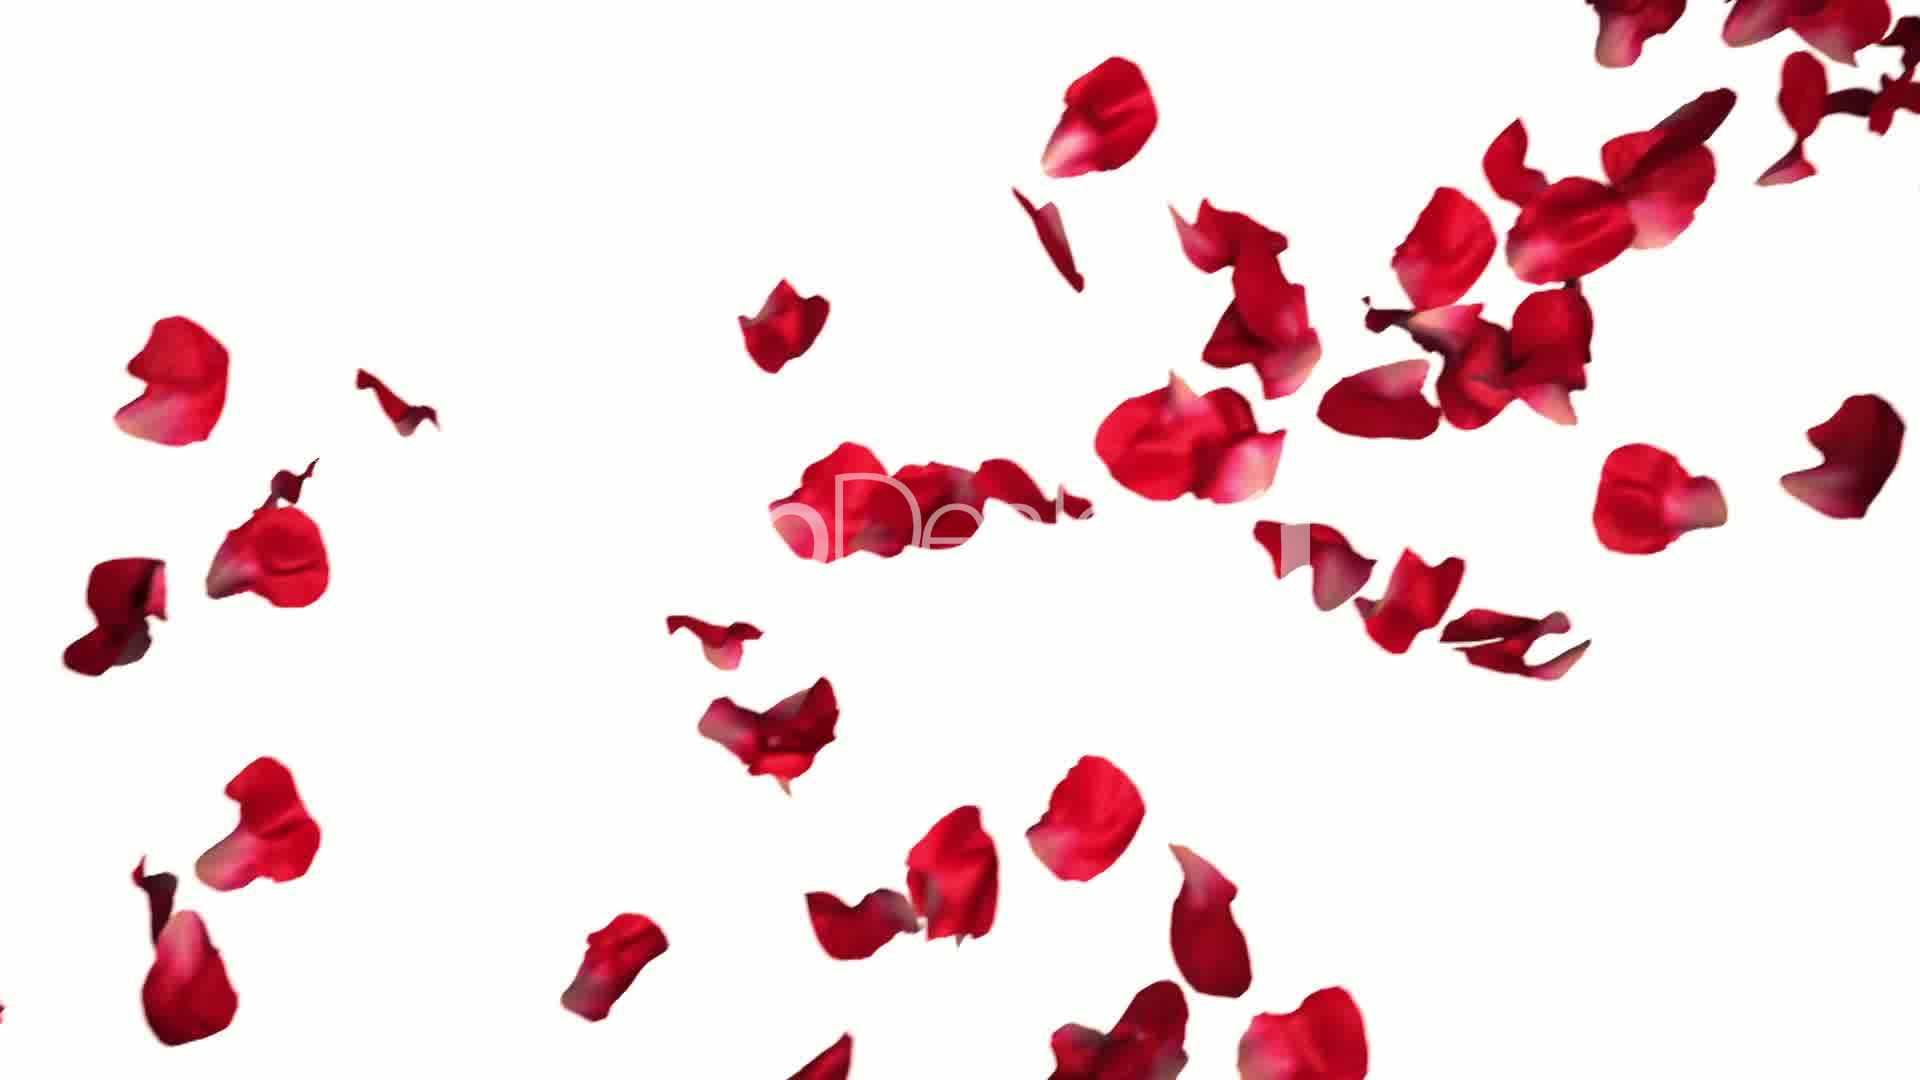 Rose petals; Rose petals